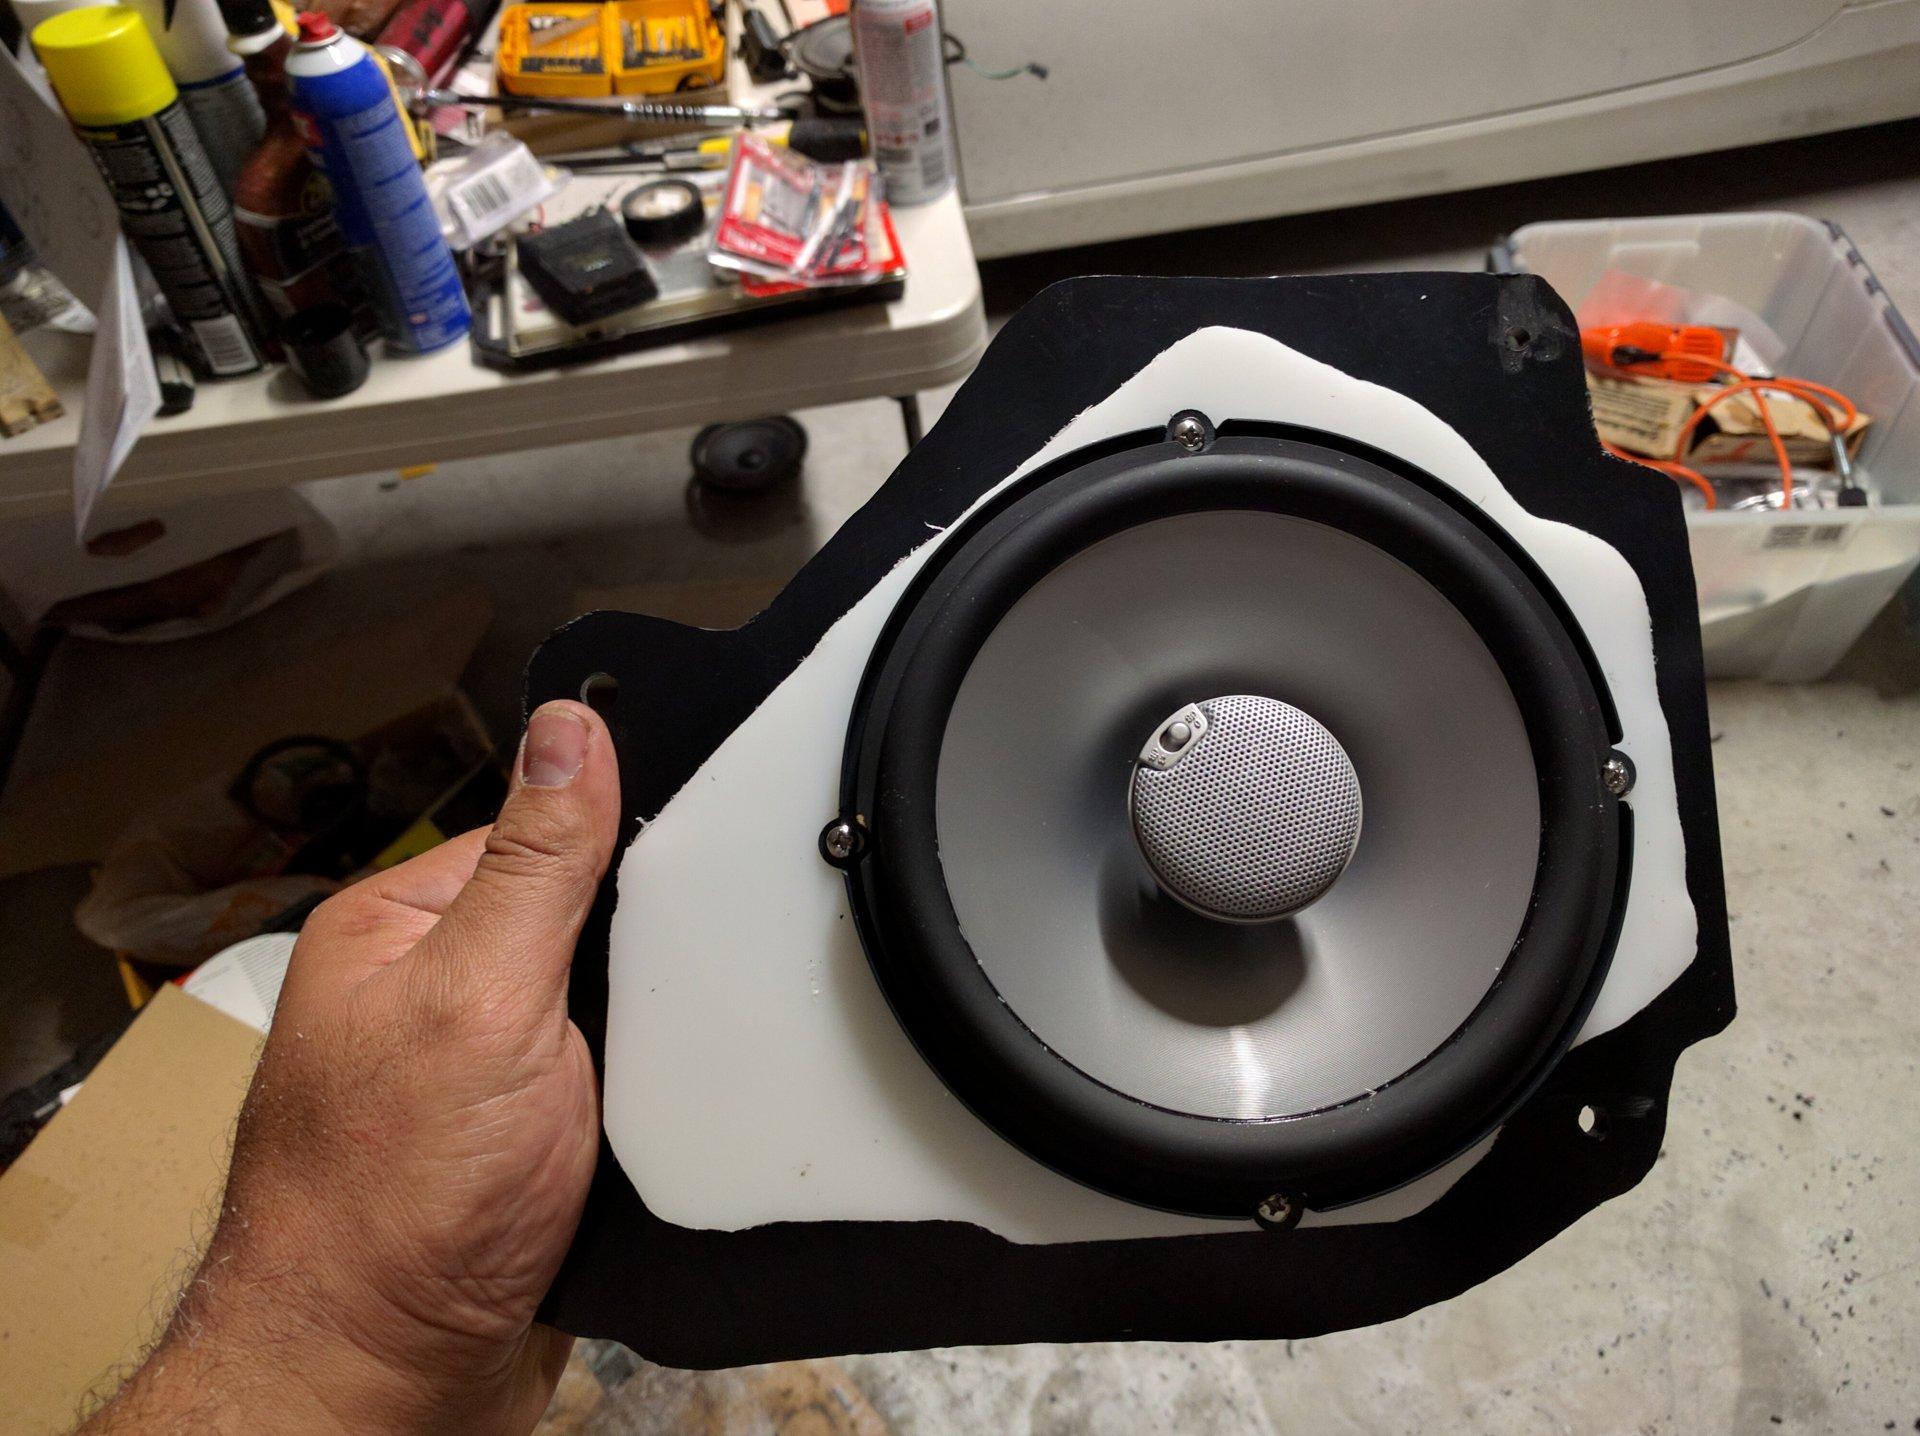 Lx470 Speaker Replacement Ih8mud Forum Audiopipe Wiring Diagram Album Mark Levinson Rear Pod